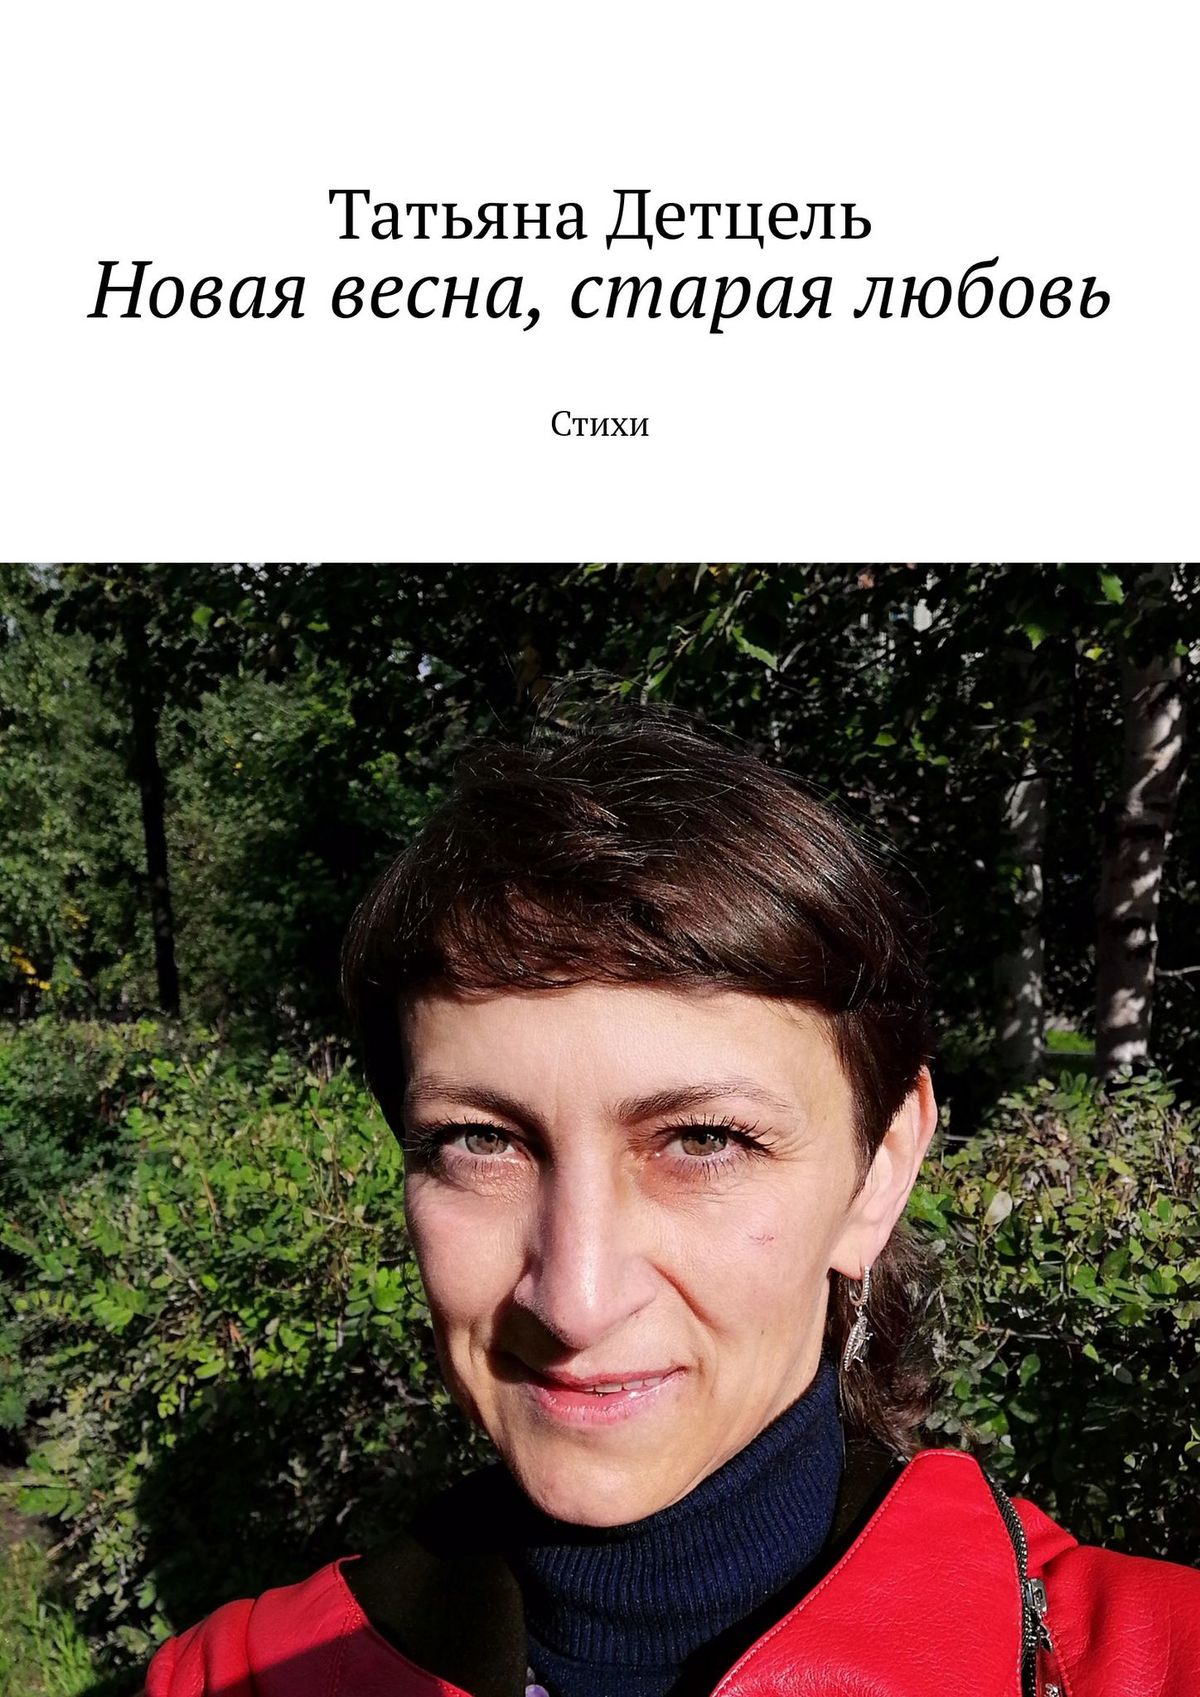 Татьяна Ивановна Детцель Новая весна, старая любовь. Стихи